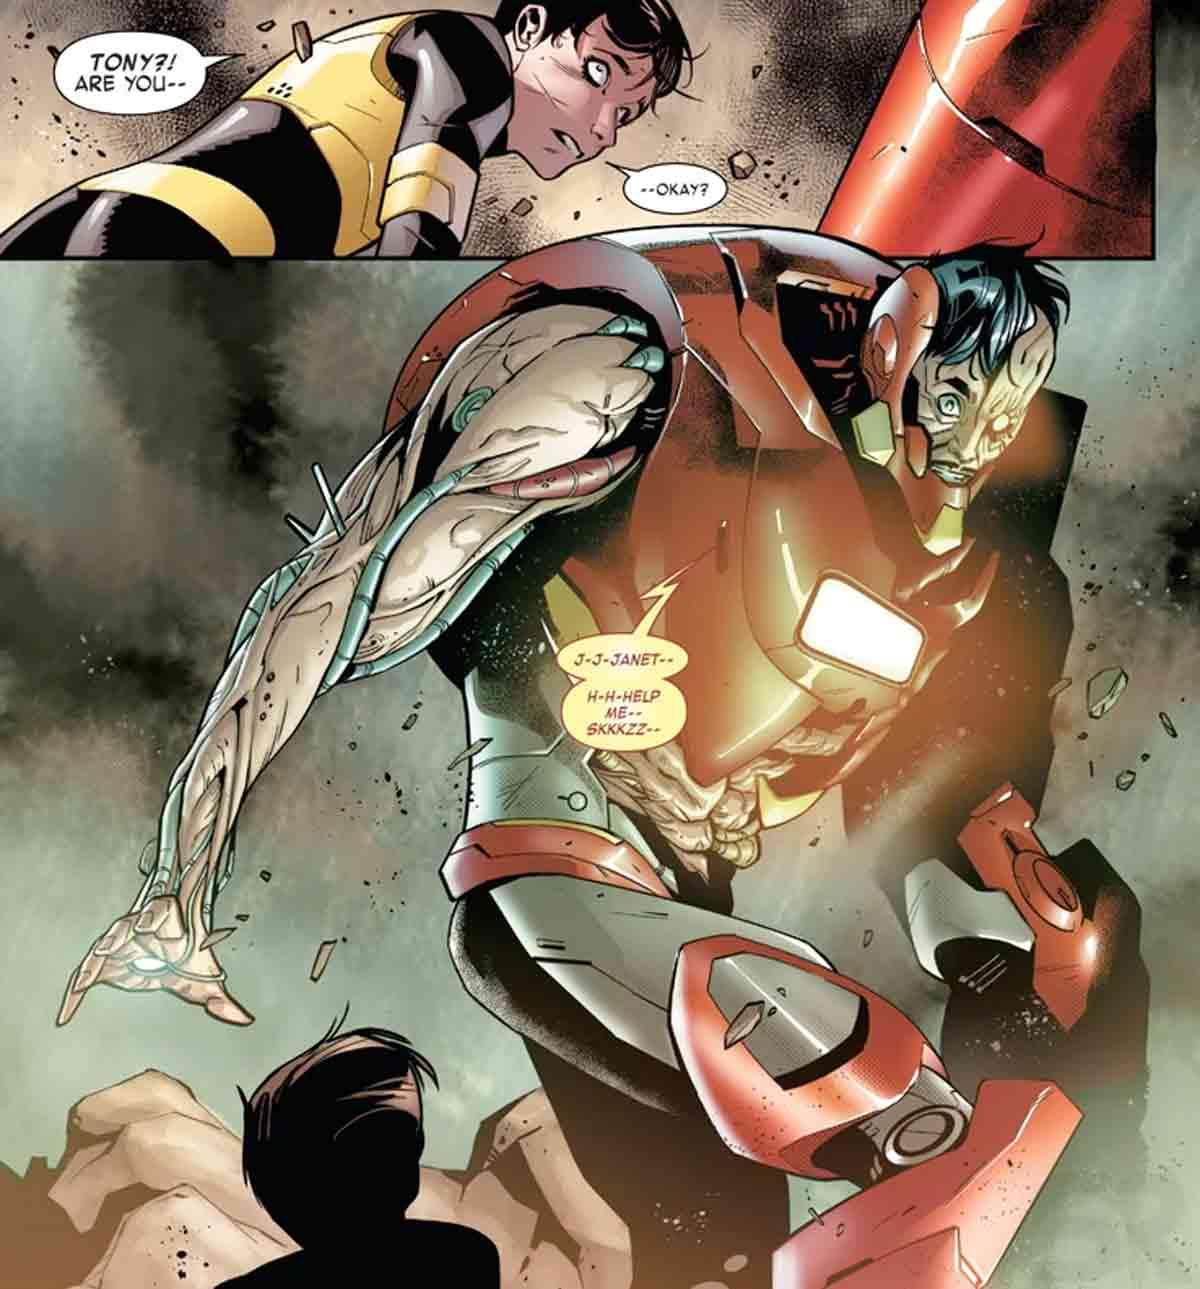 La nueva armadura de Iron Man ULTRON es absolutamente perturbadora